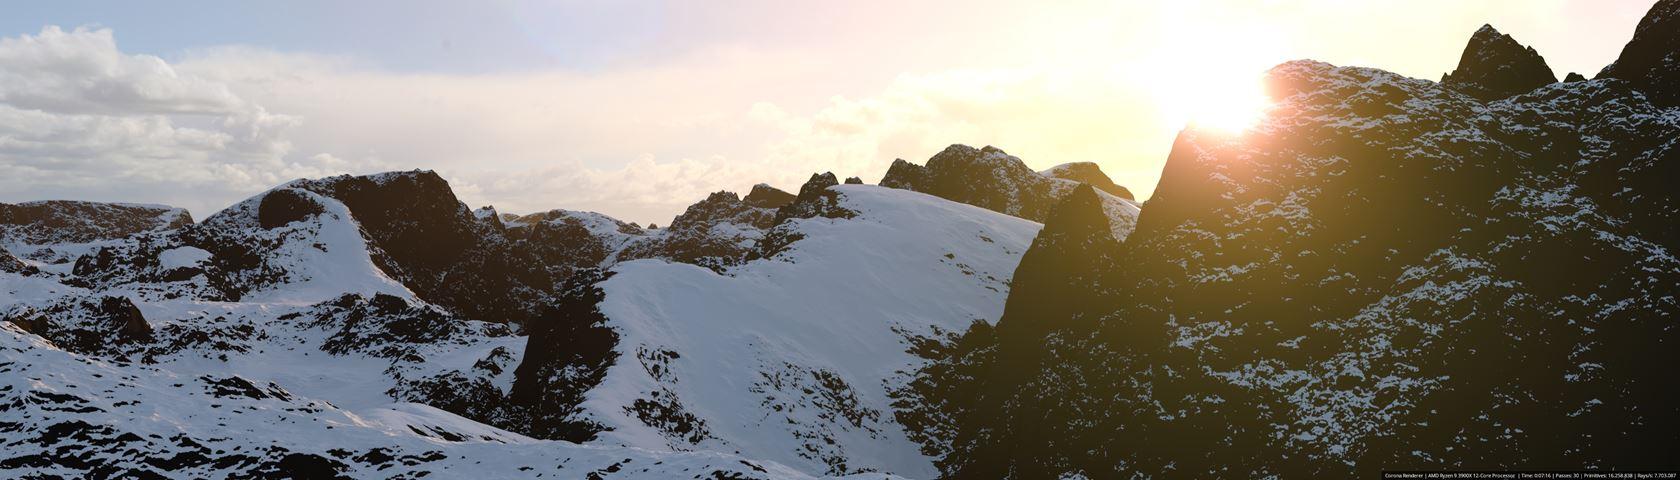 Montanhas com Neve